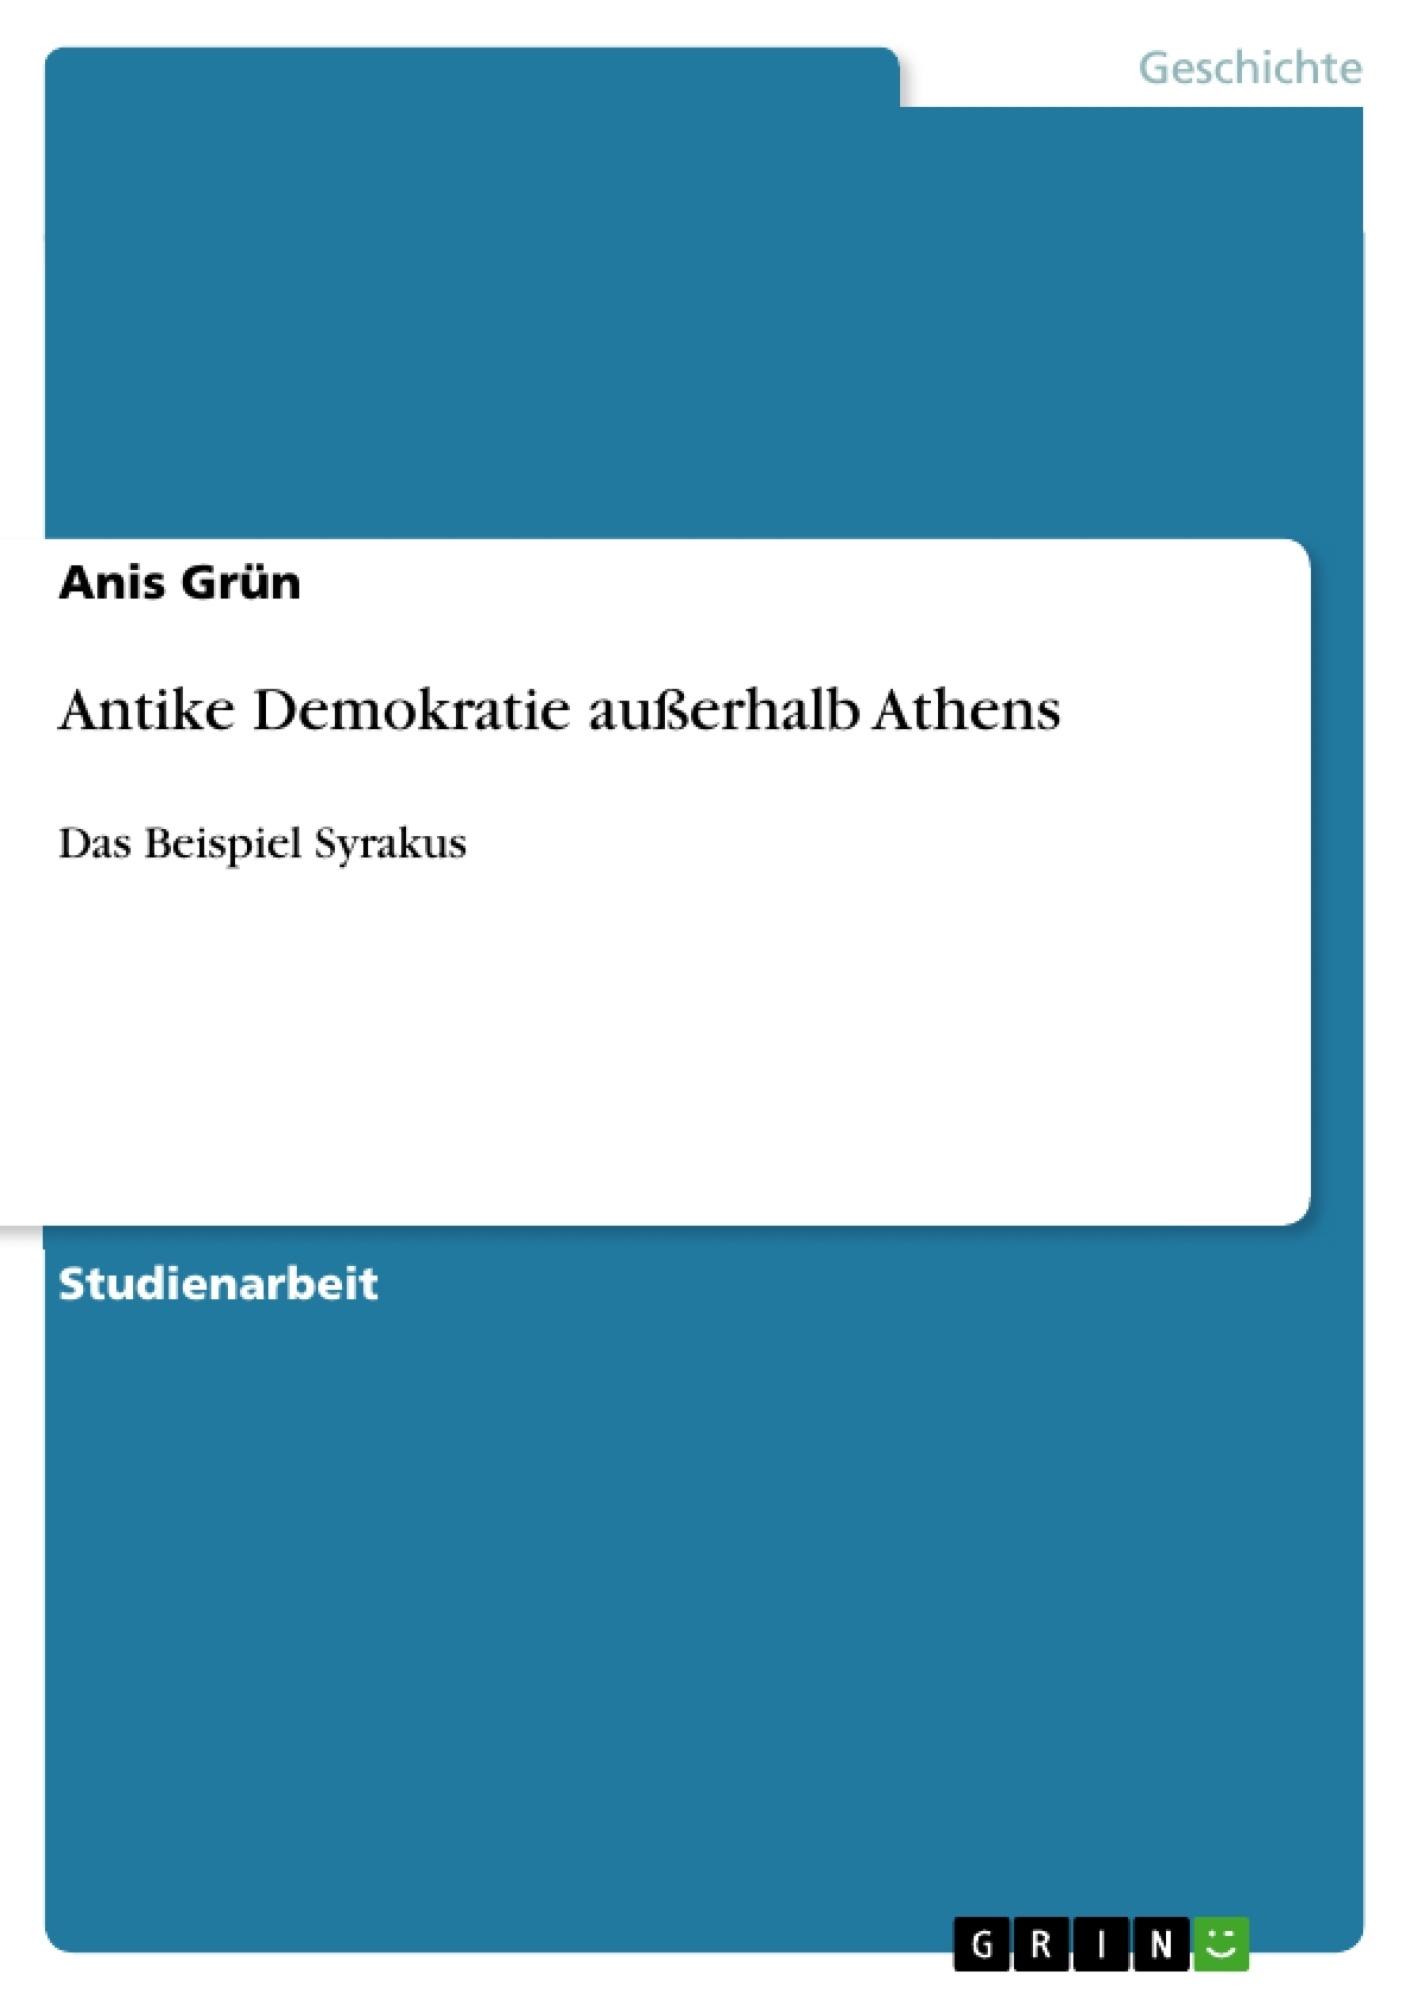 Titel: Antike Demokratie außerhalb Athens